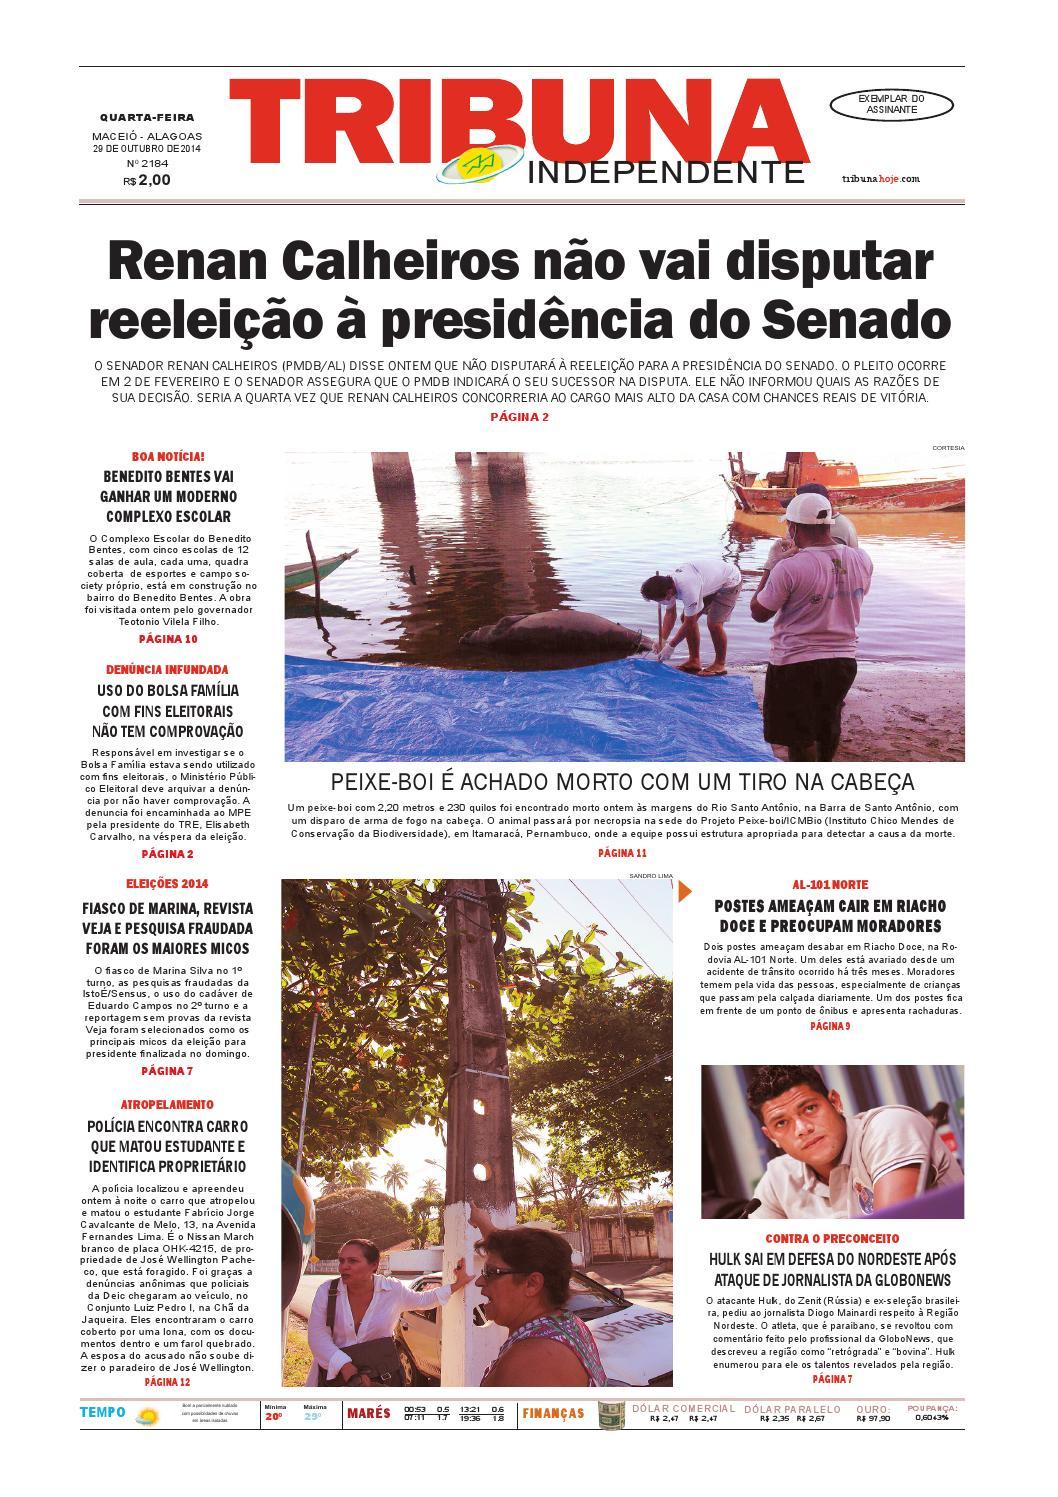 c7734317736 Edição número 2184 - 29 de outubro de 2014 by Tribuna Hoje - issuu